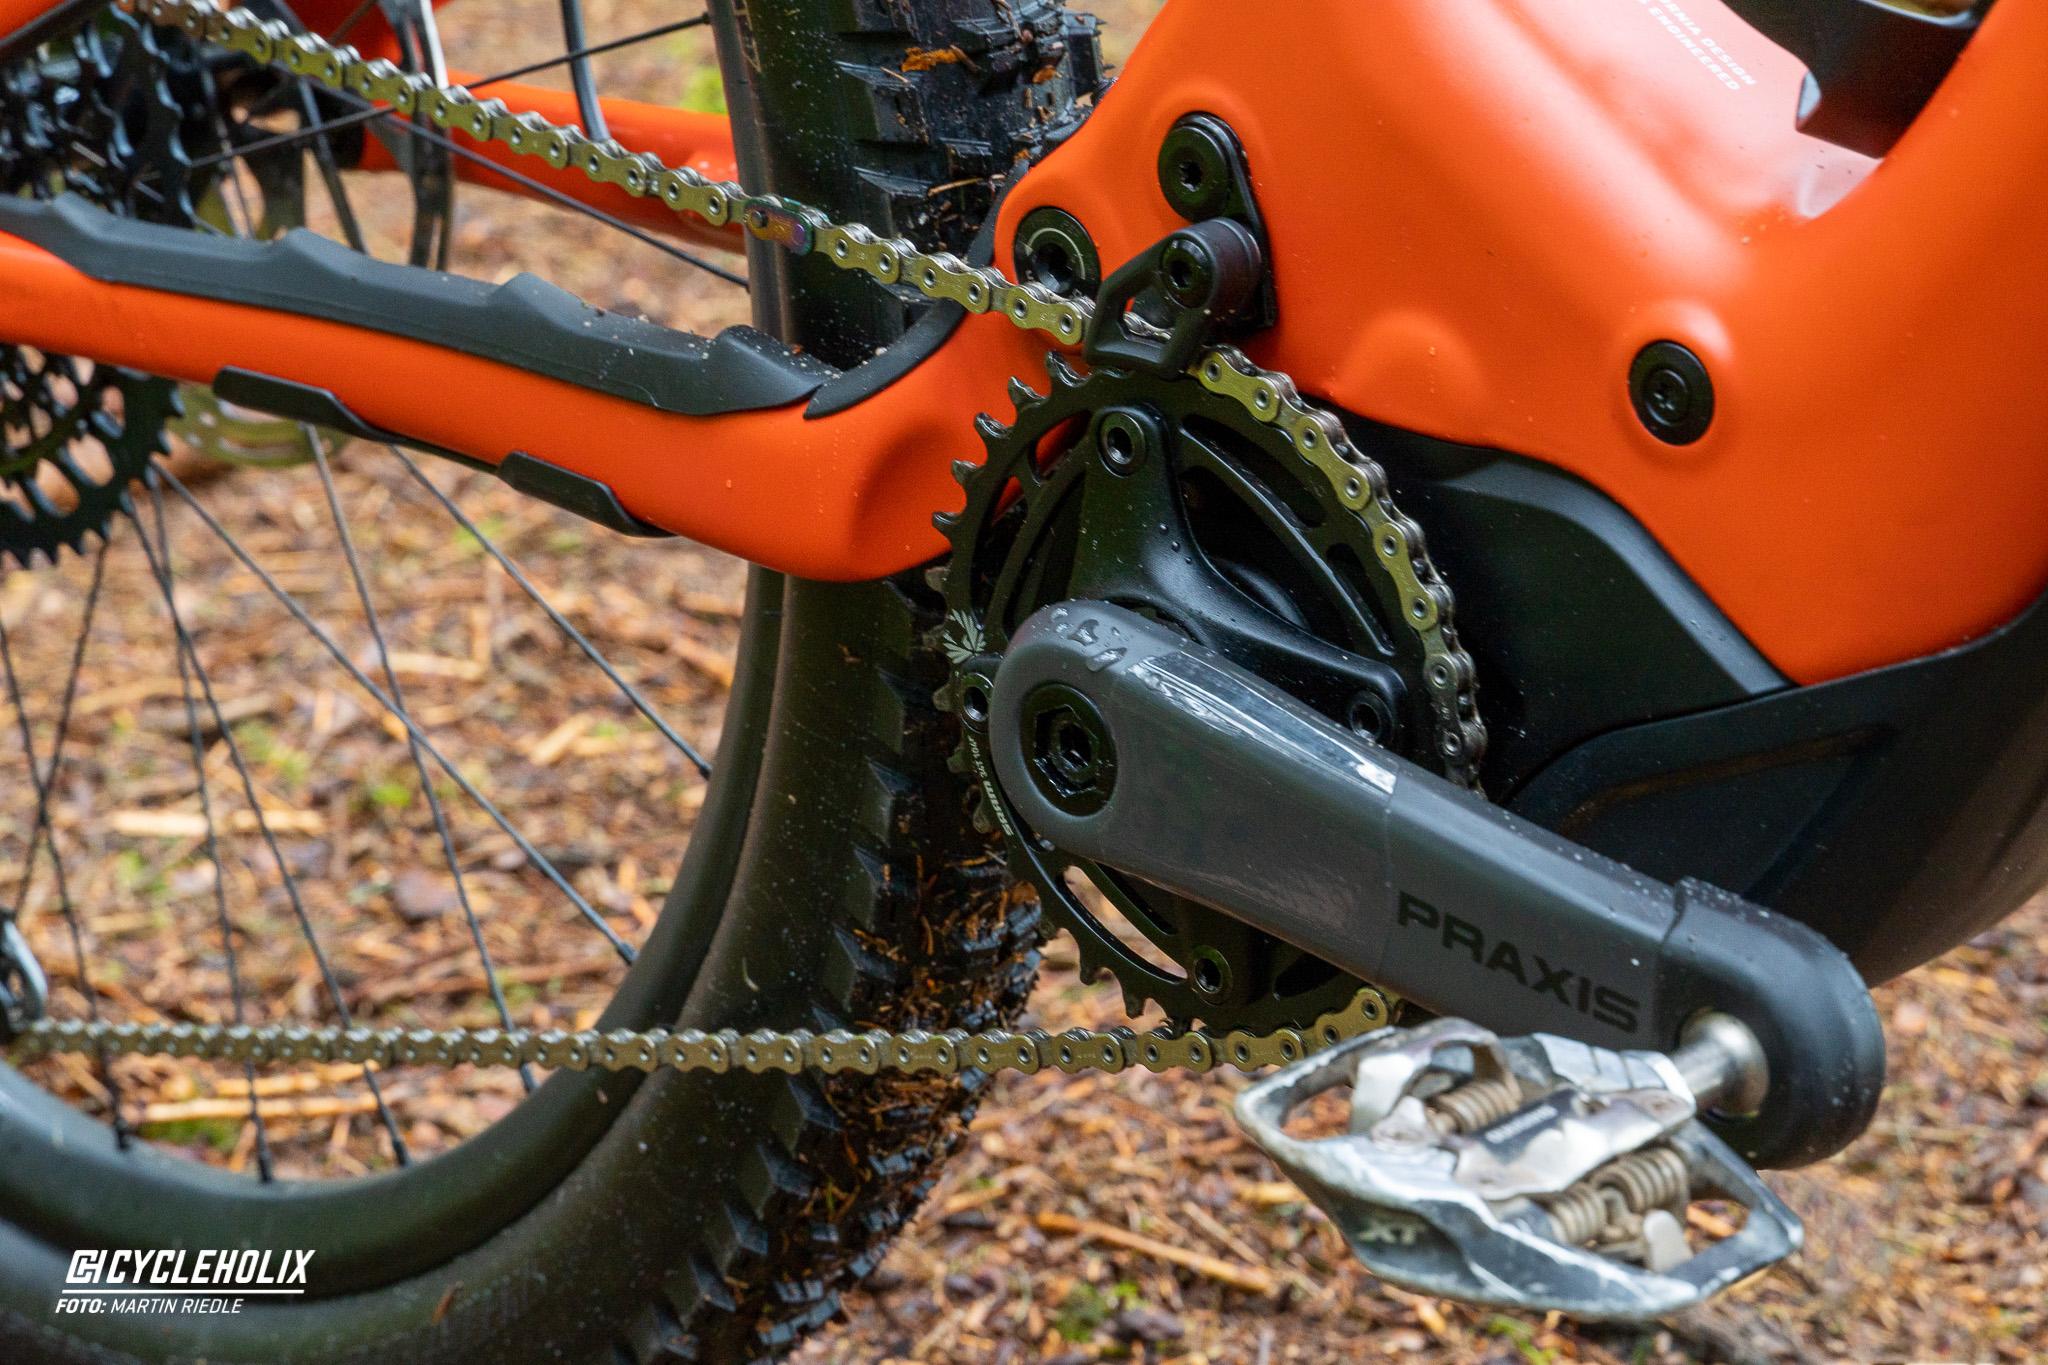 Specialized Levo 10 Cycleholix